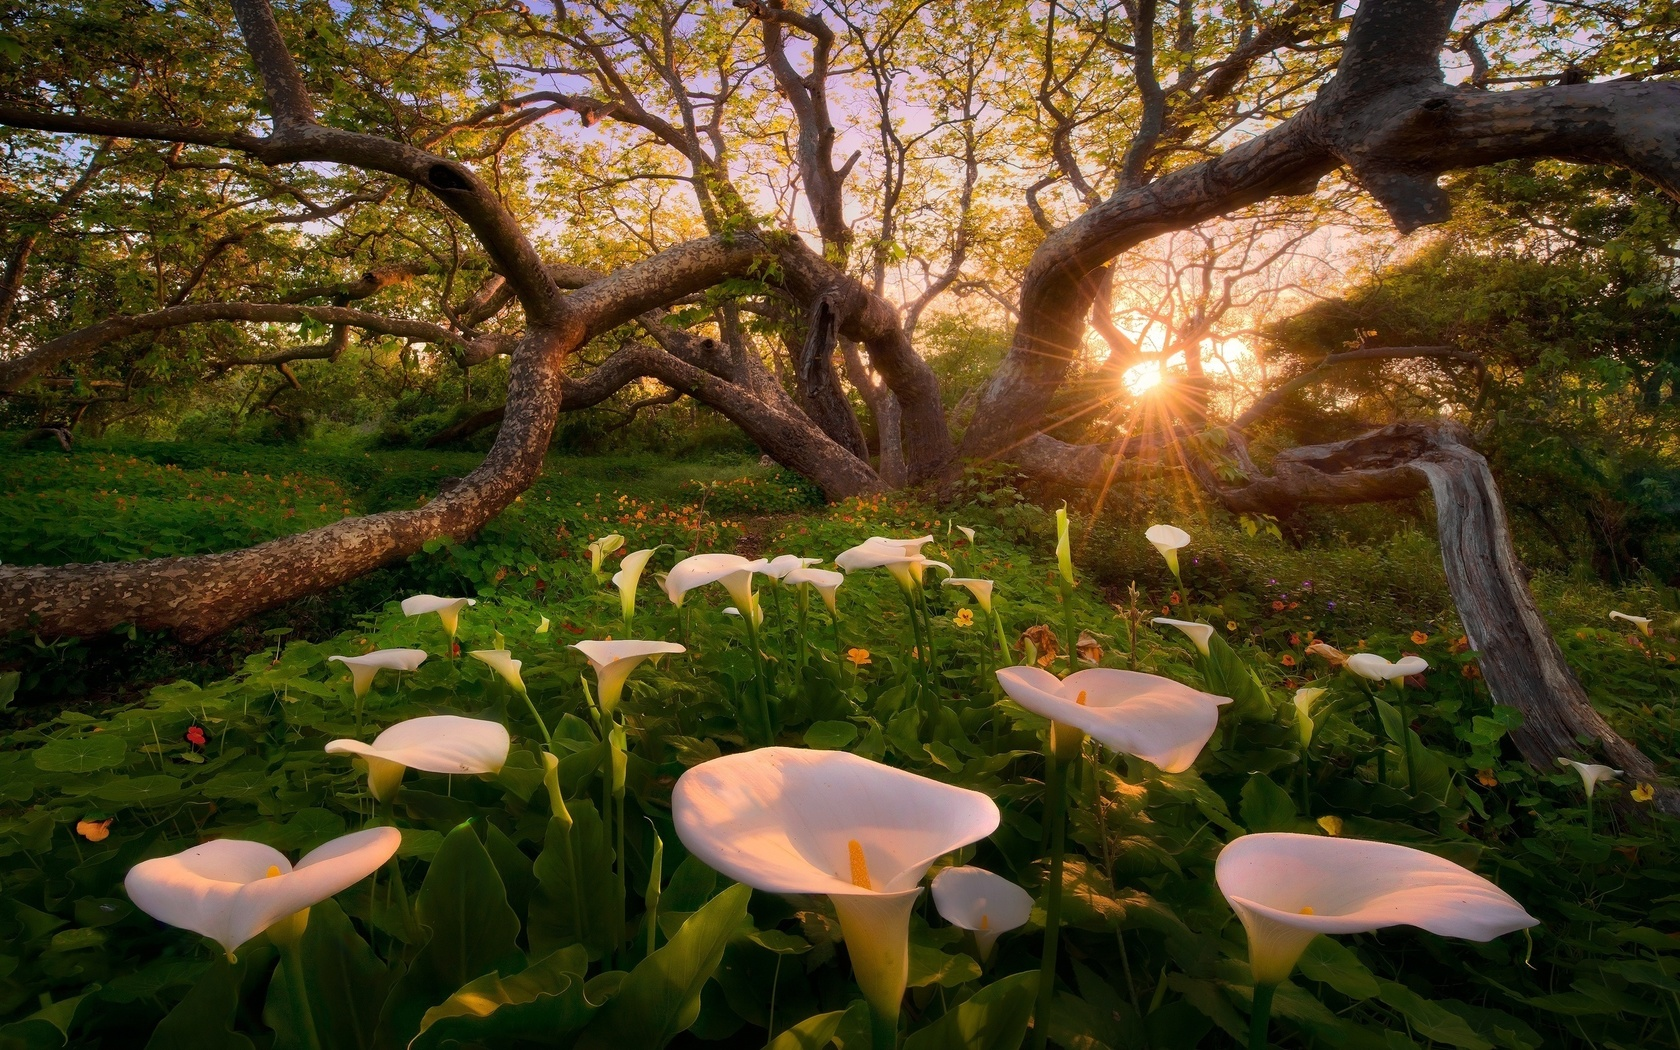 природа красивые картинки разные цветы погоне фото